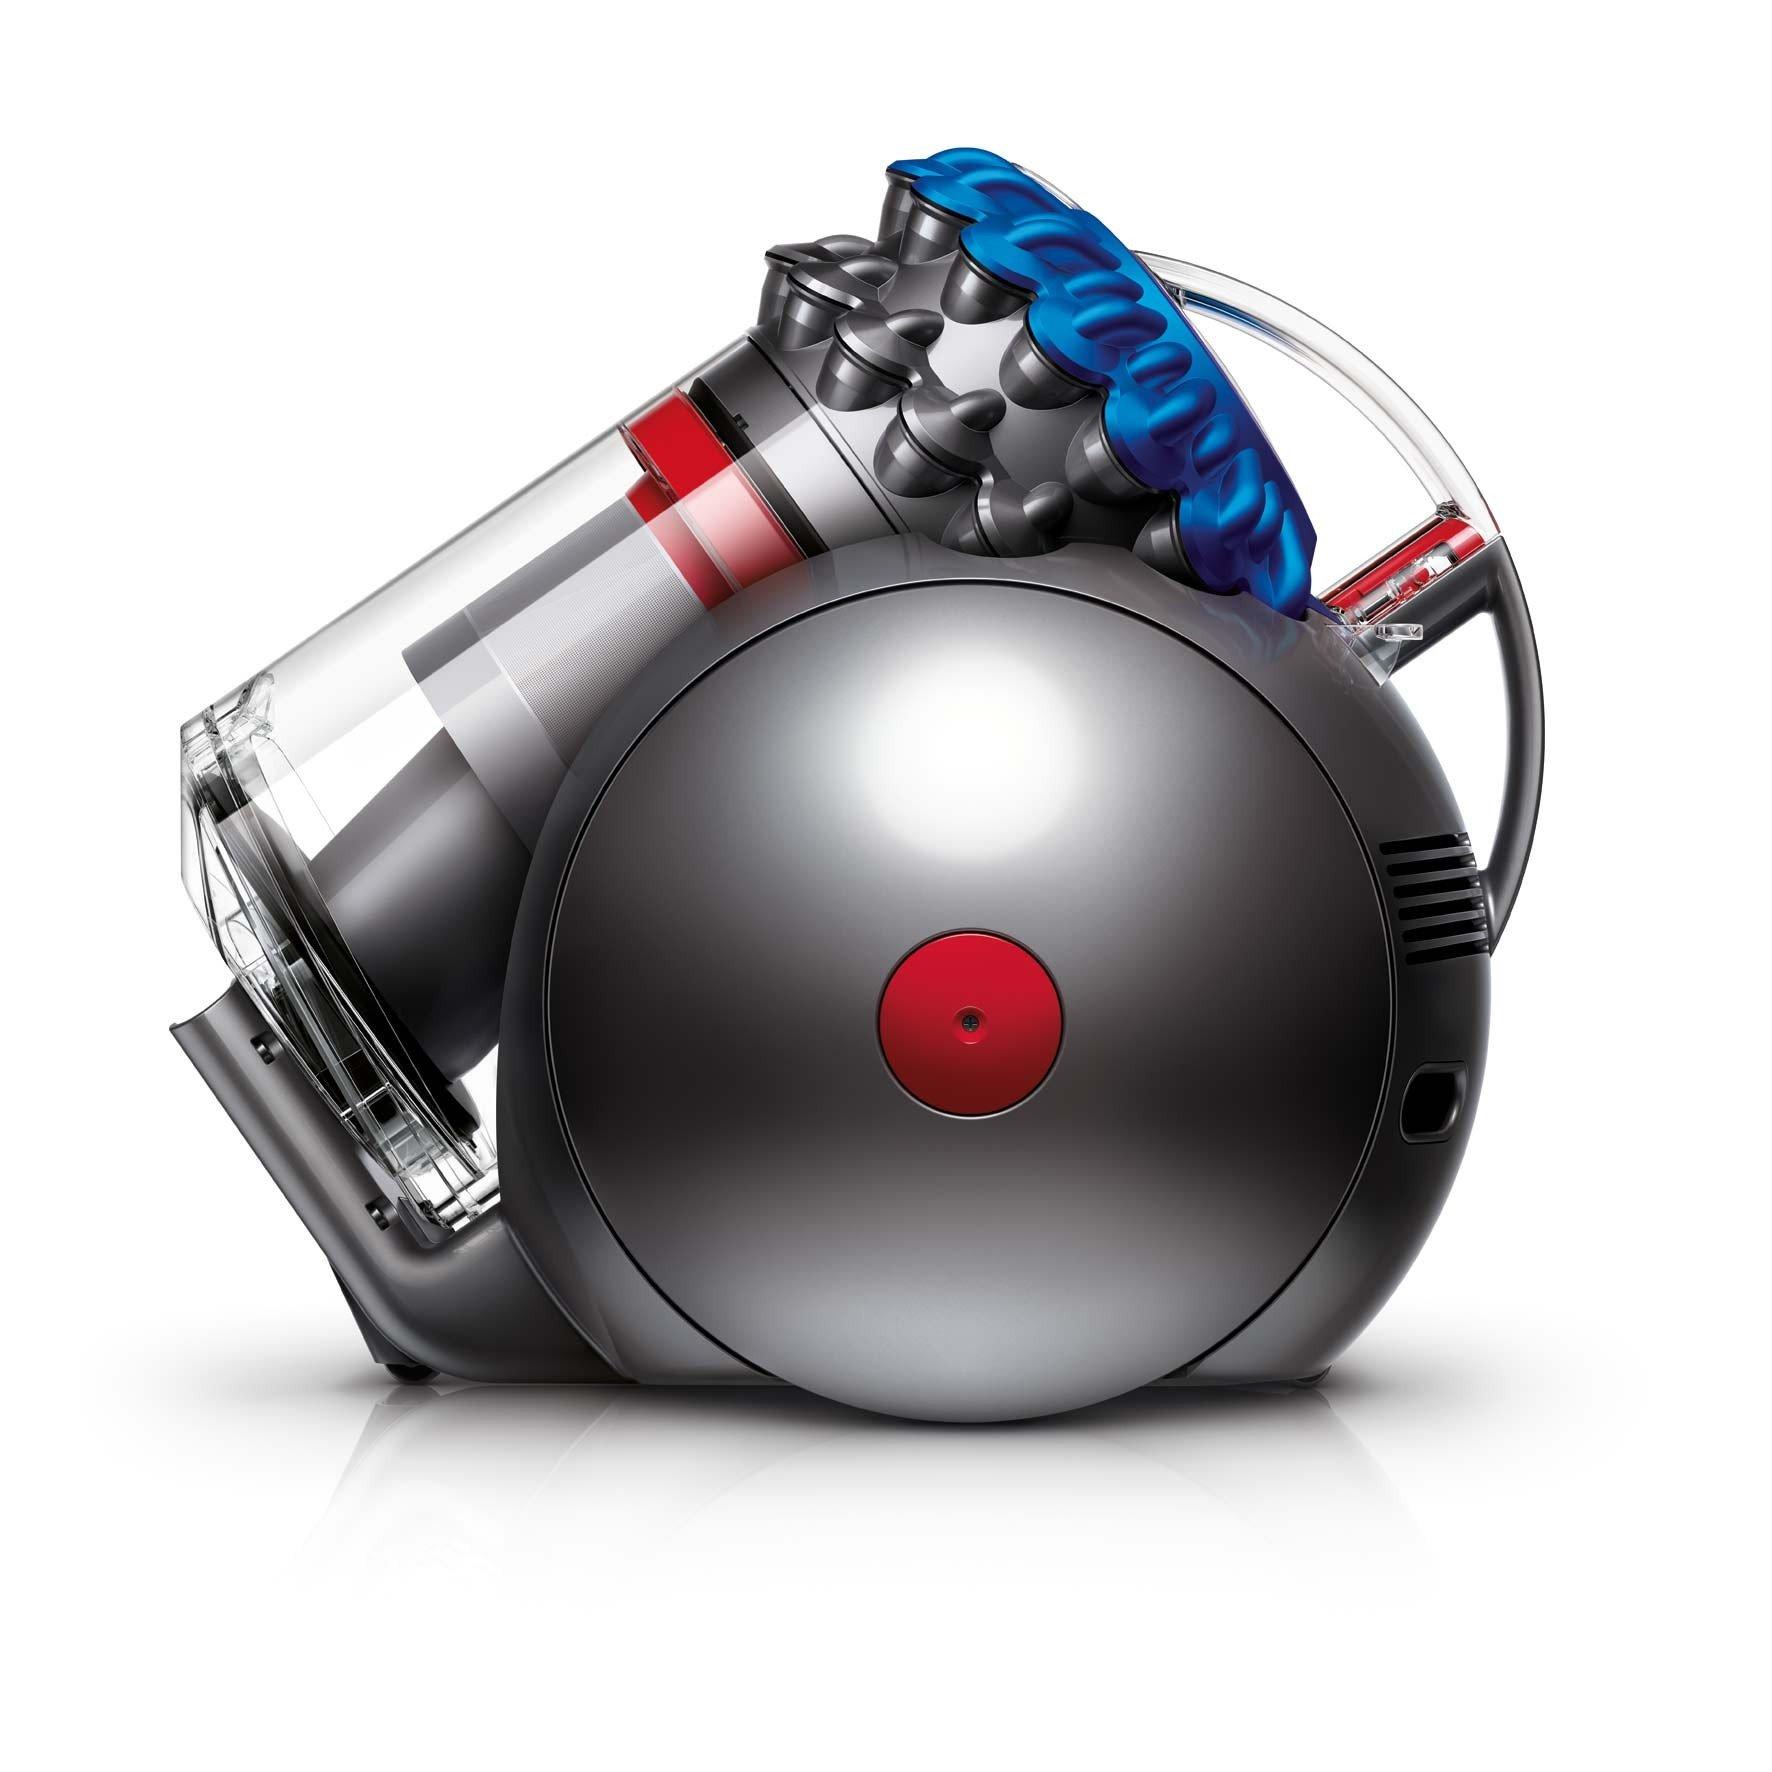 Dyson Big Ball Stubborn Staubsauger, zylindrisch, trocken, beutellos, 1,6 l, Zyklon, 85 dB